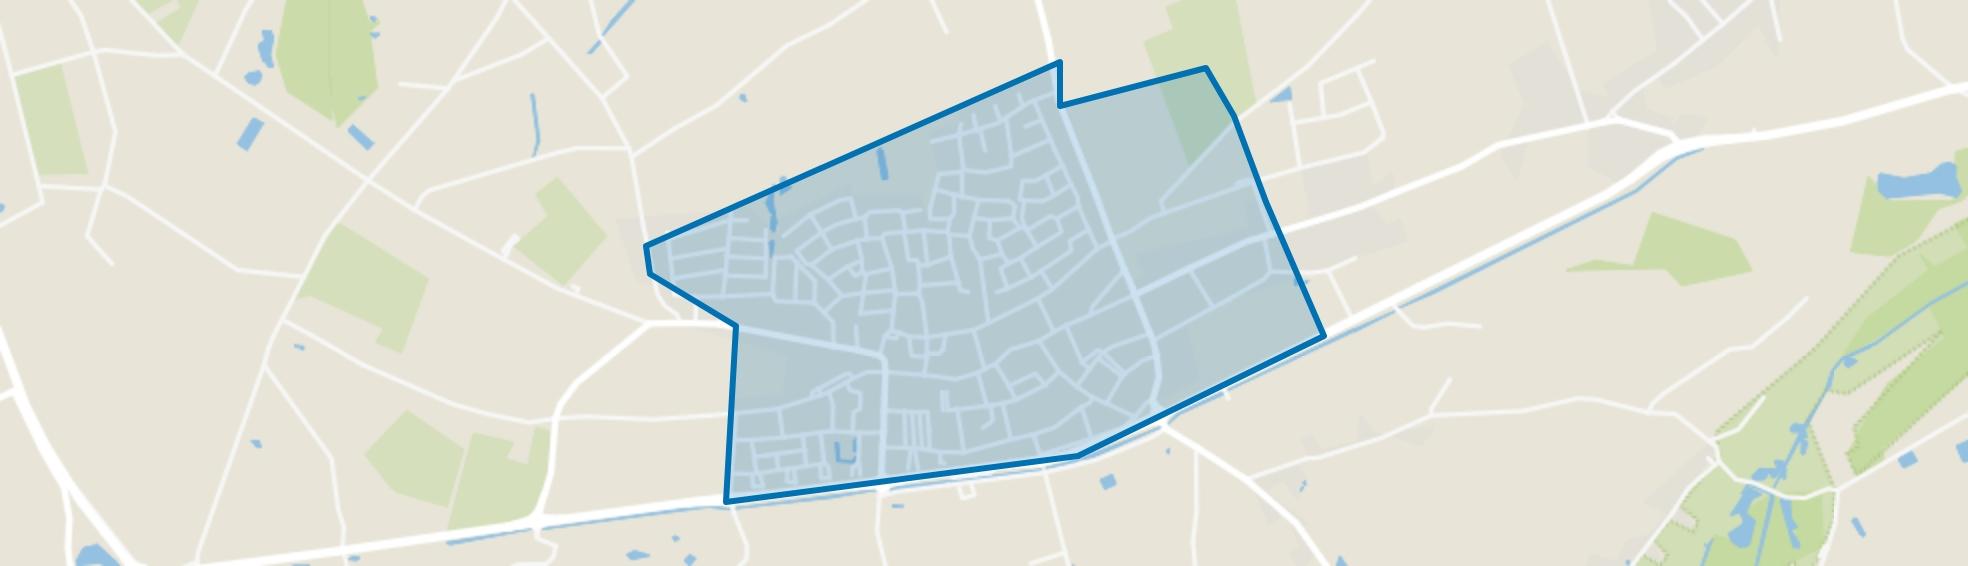 Maasbree, Maasbree map